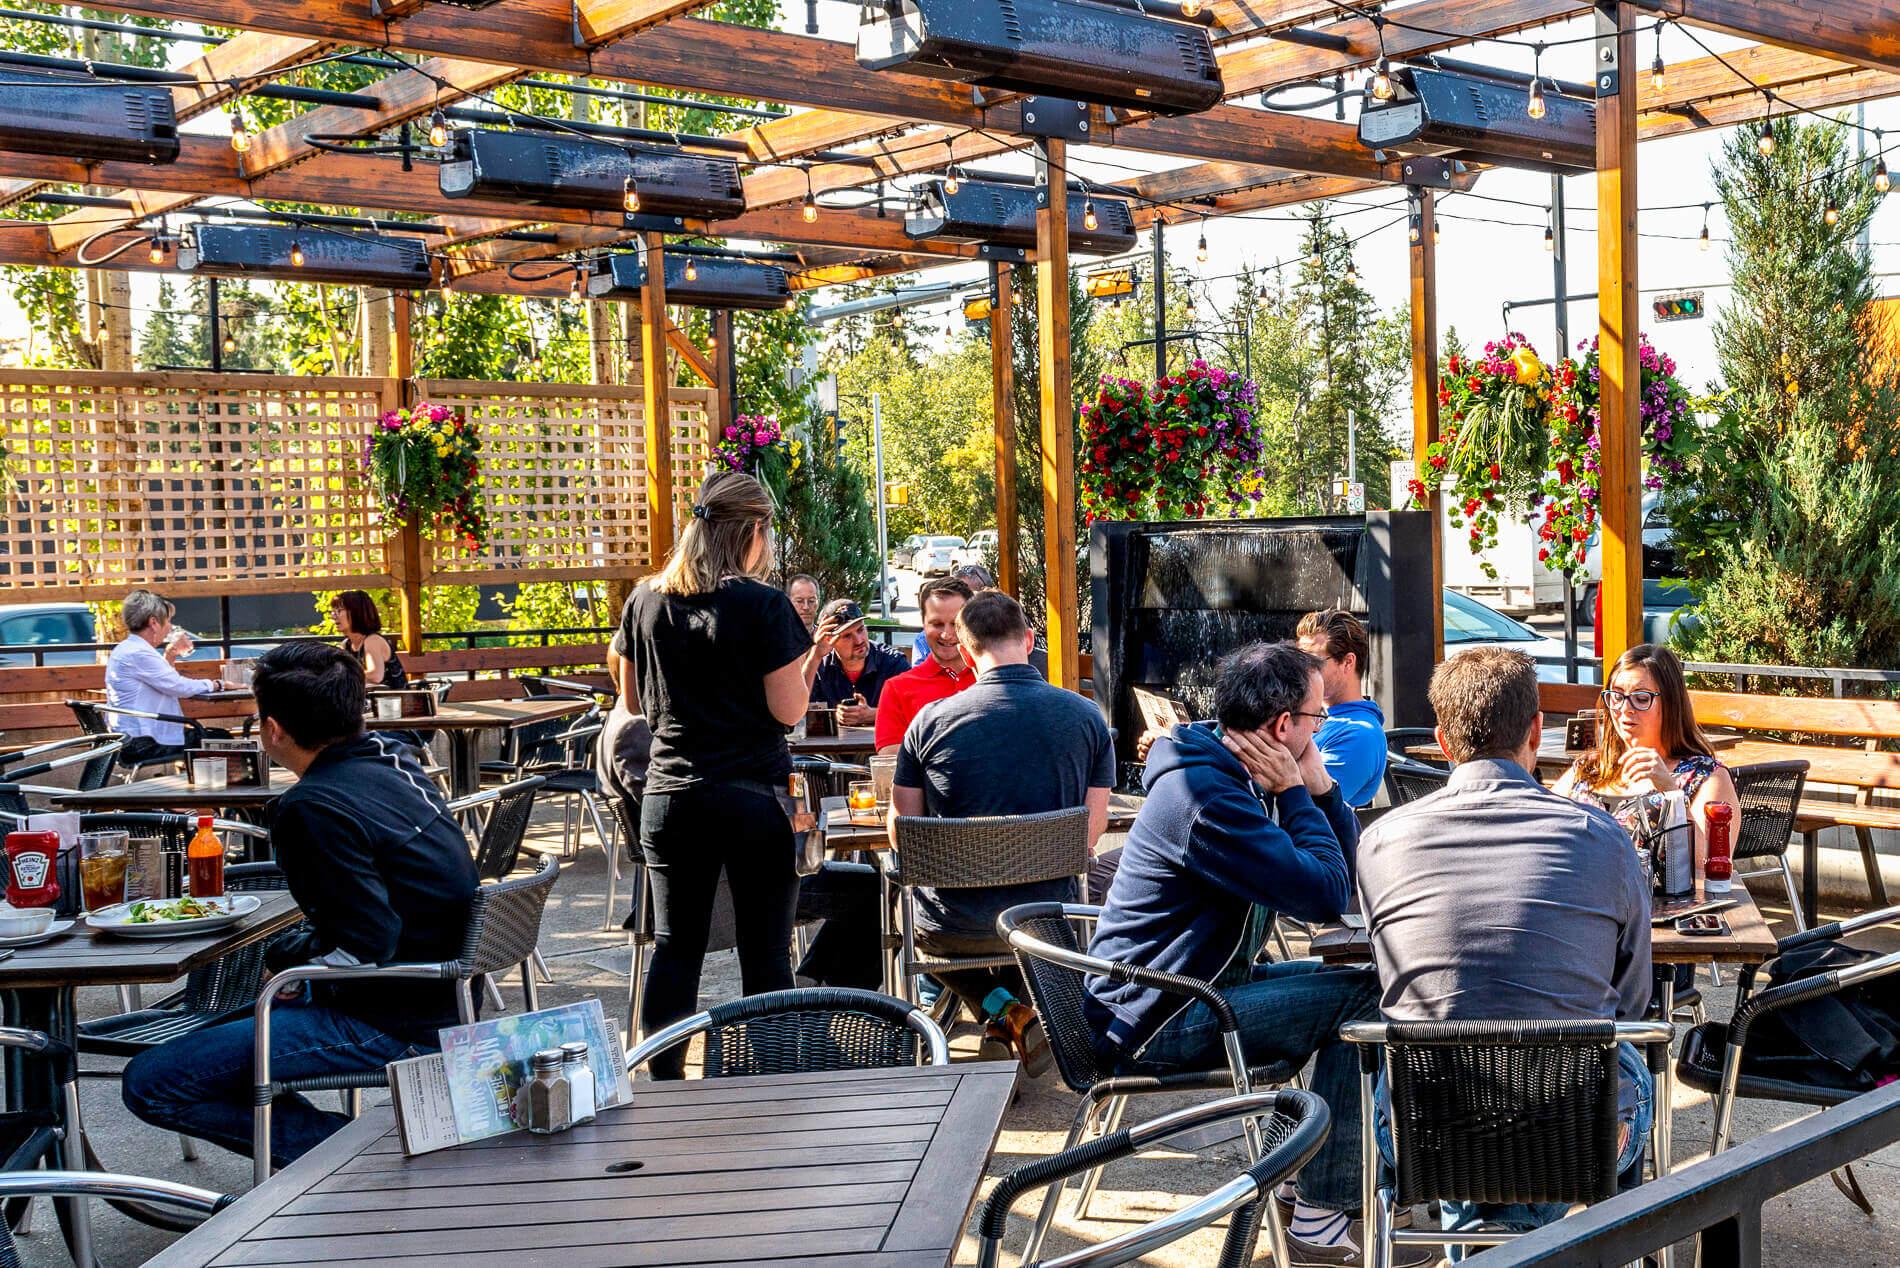 124 Street Restaurant Patio | Edmonton, Alberta